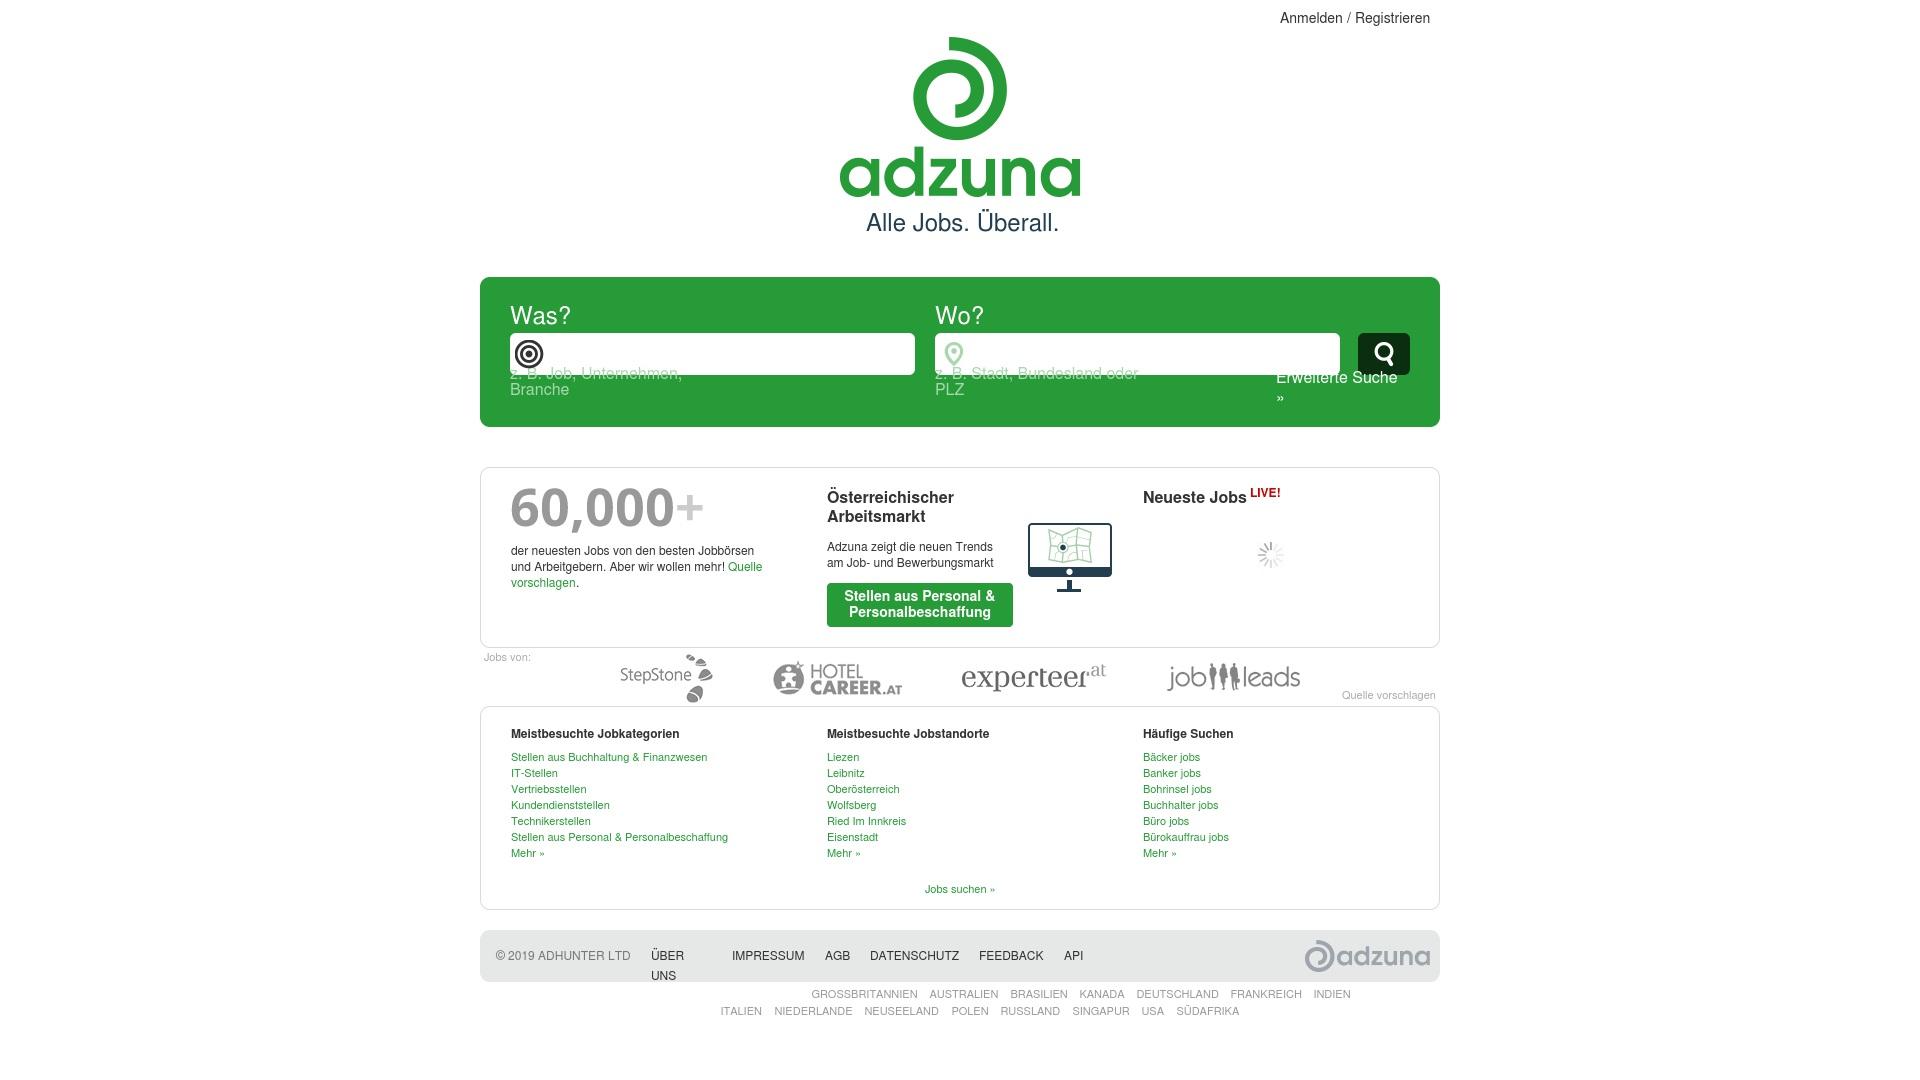 Geld zurück bei Adzuna: Jetzt im Juli 2021 Cashback für Adzuna sichern